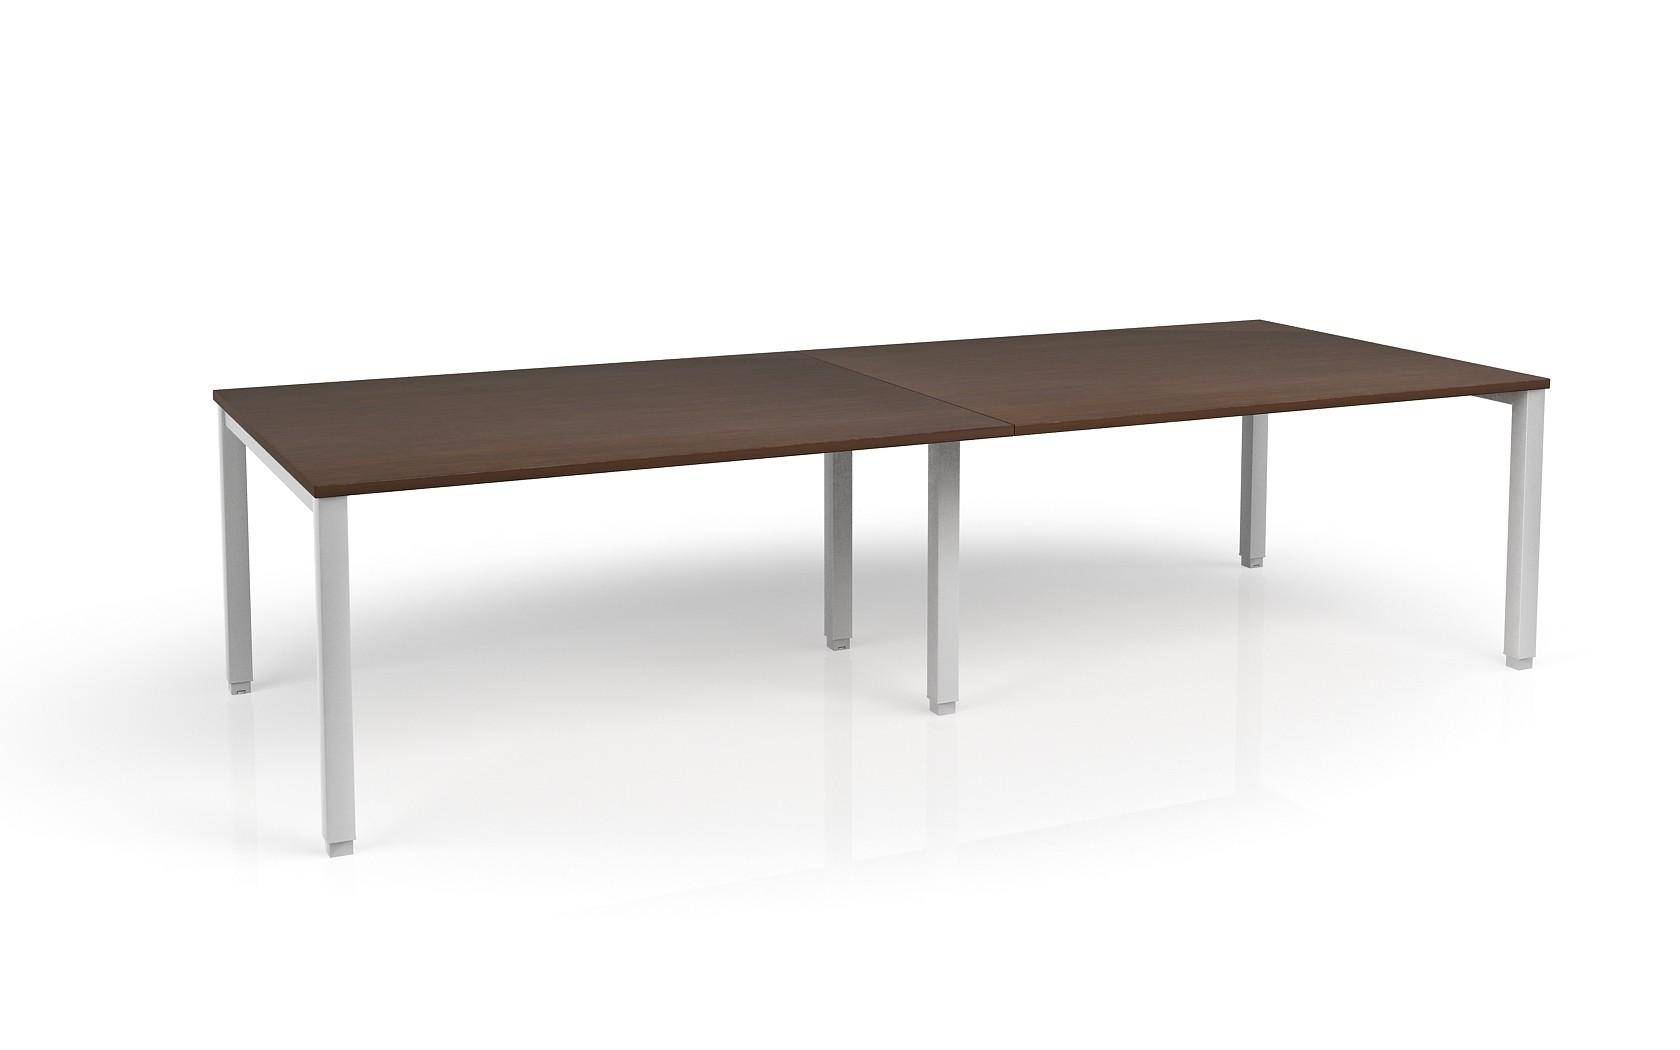 Table de r union 10 personnes for Longueur de table pour 10 personnes